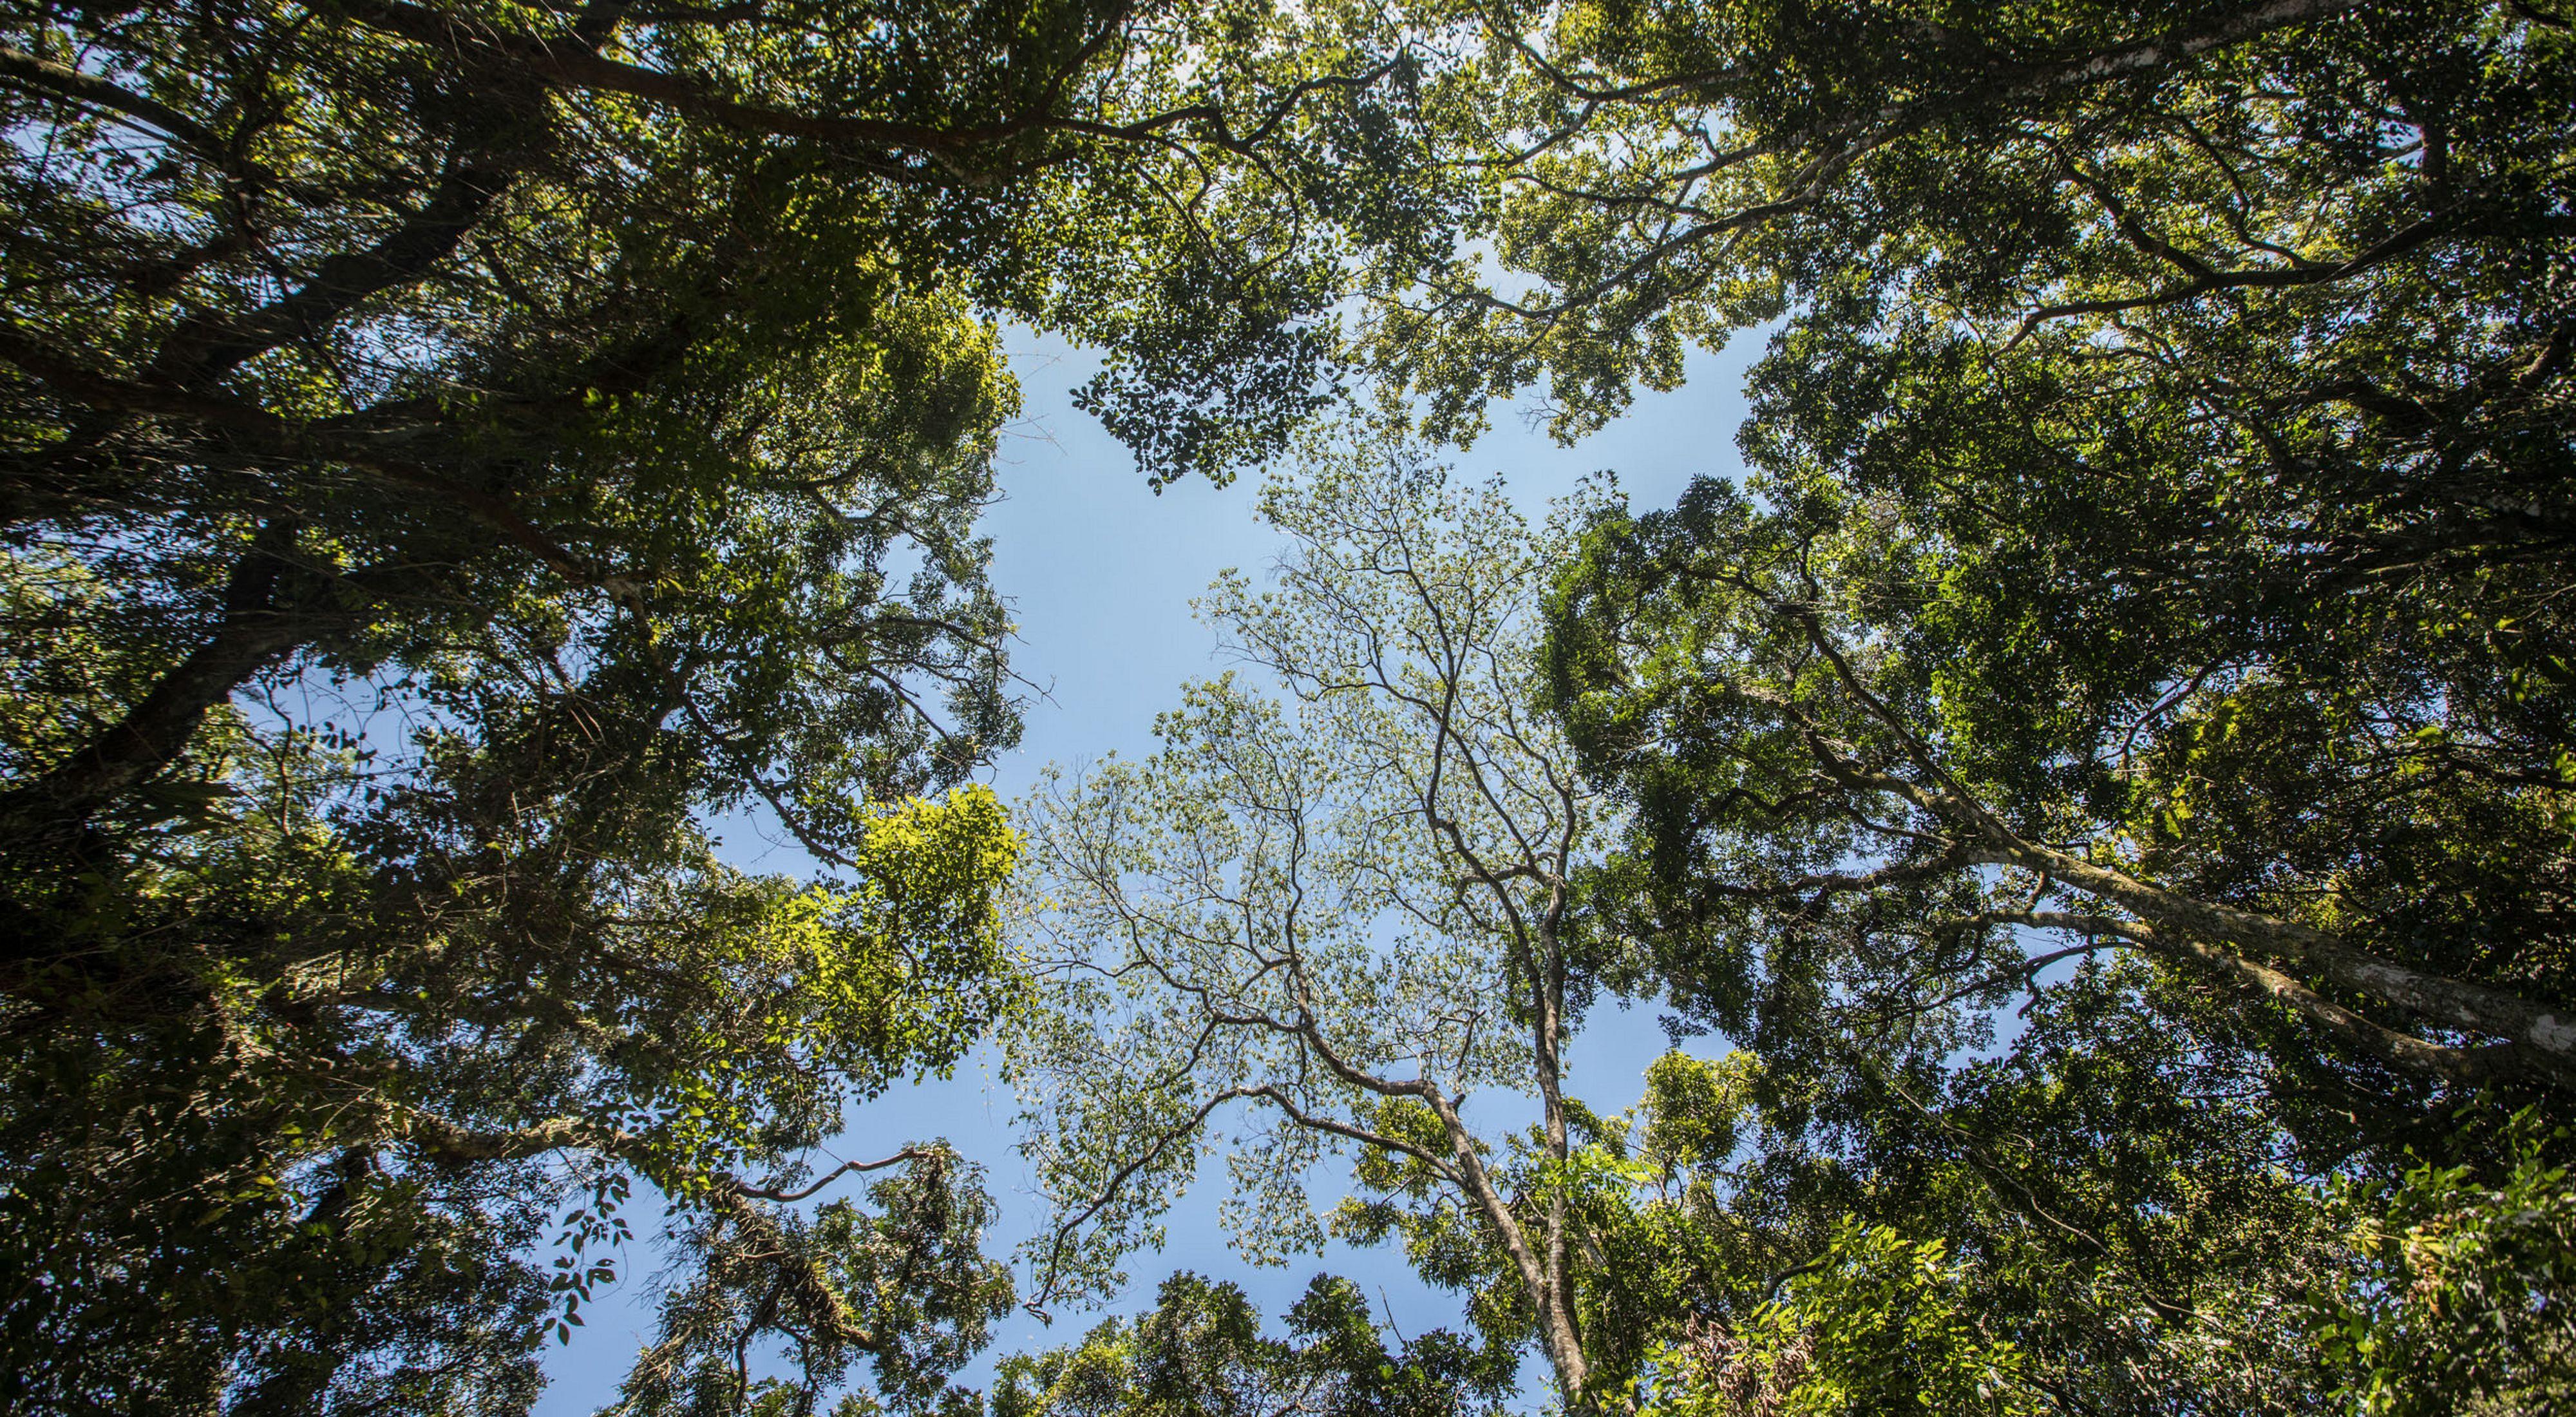 Copas de árvores no Parque Estadual da Serra da Cantareira